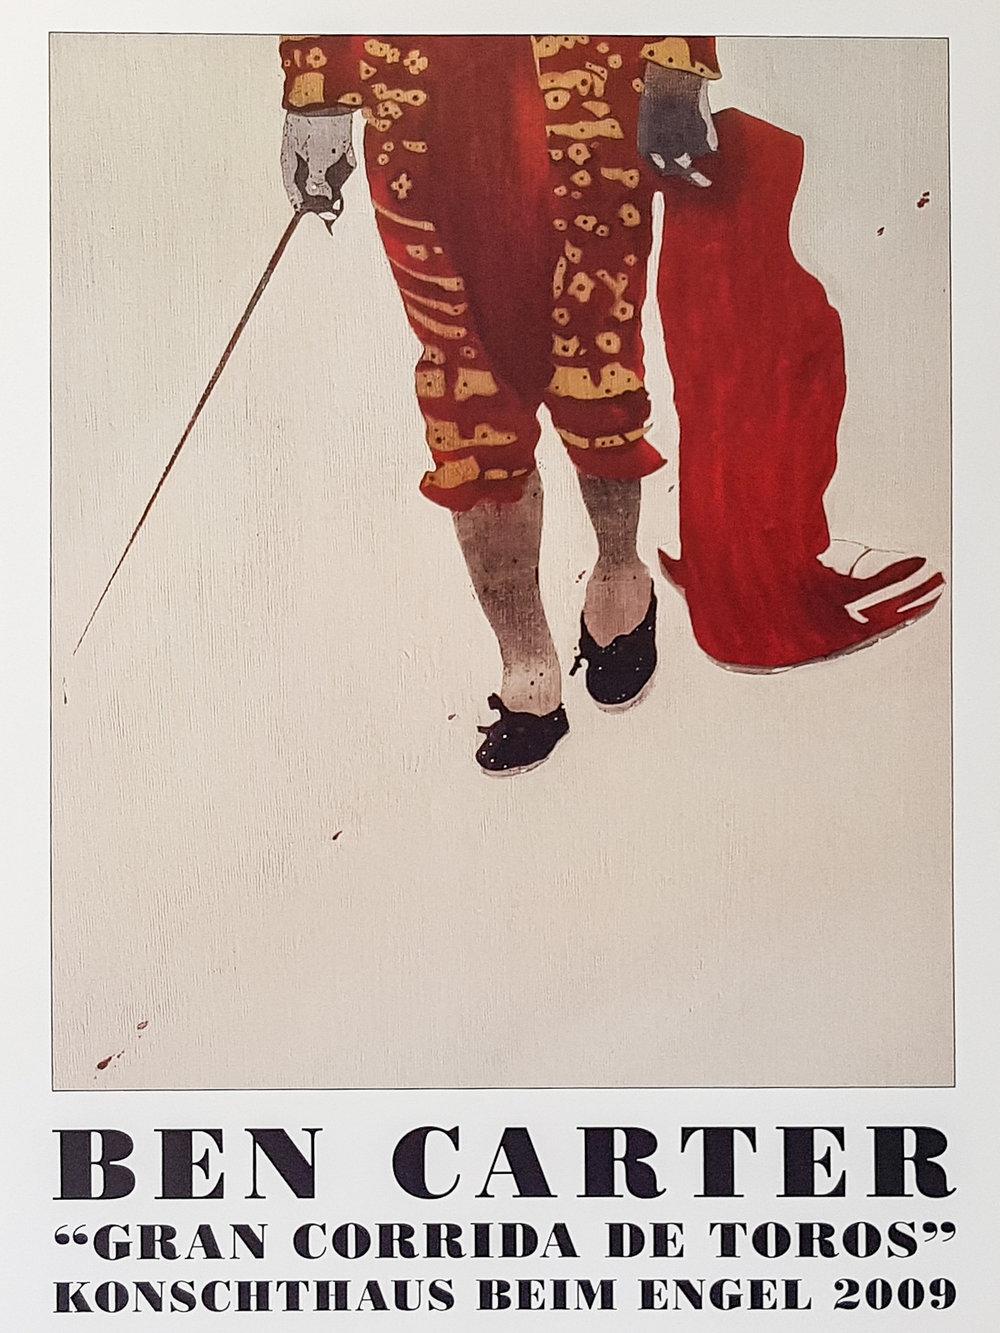 corrida de toros - Poster50 x 70 cmEUR 80